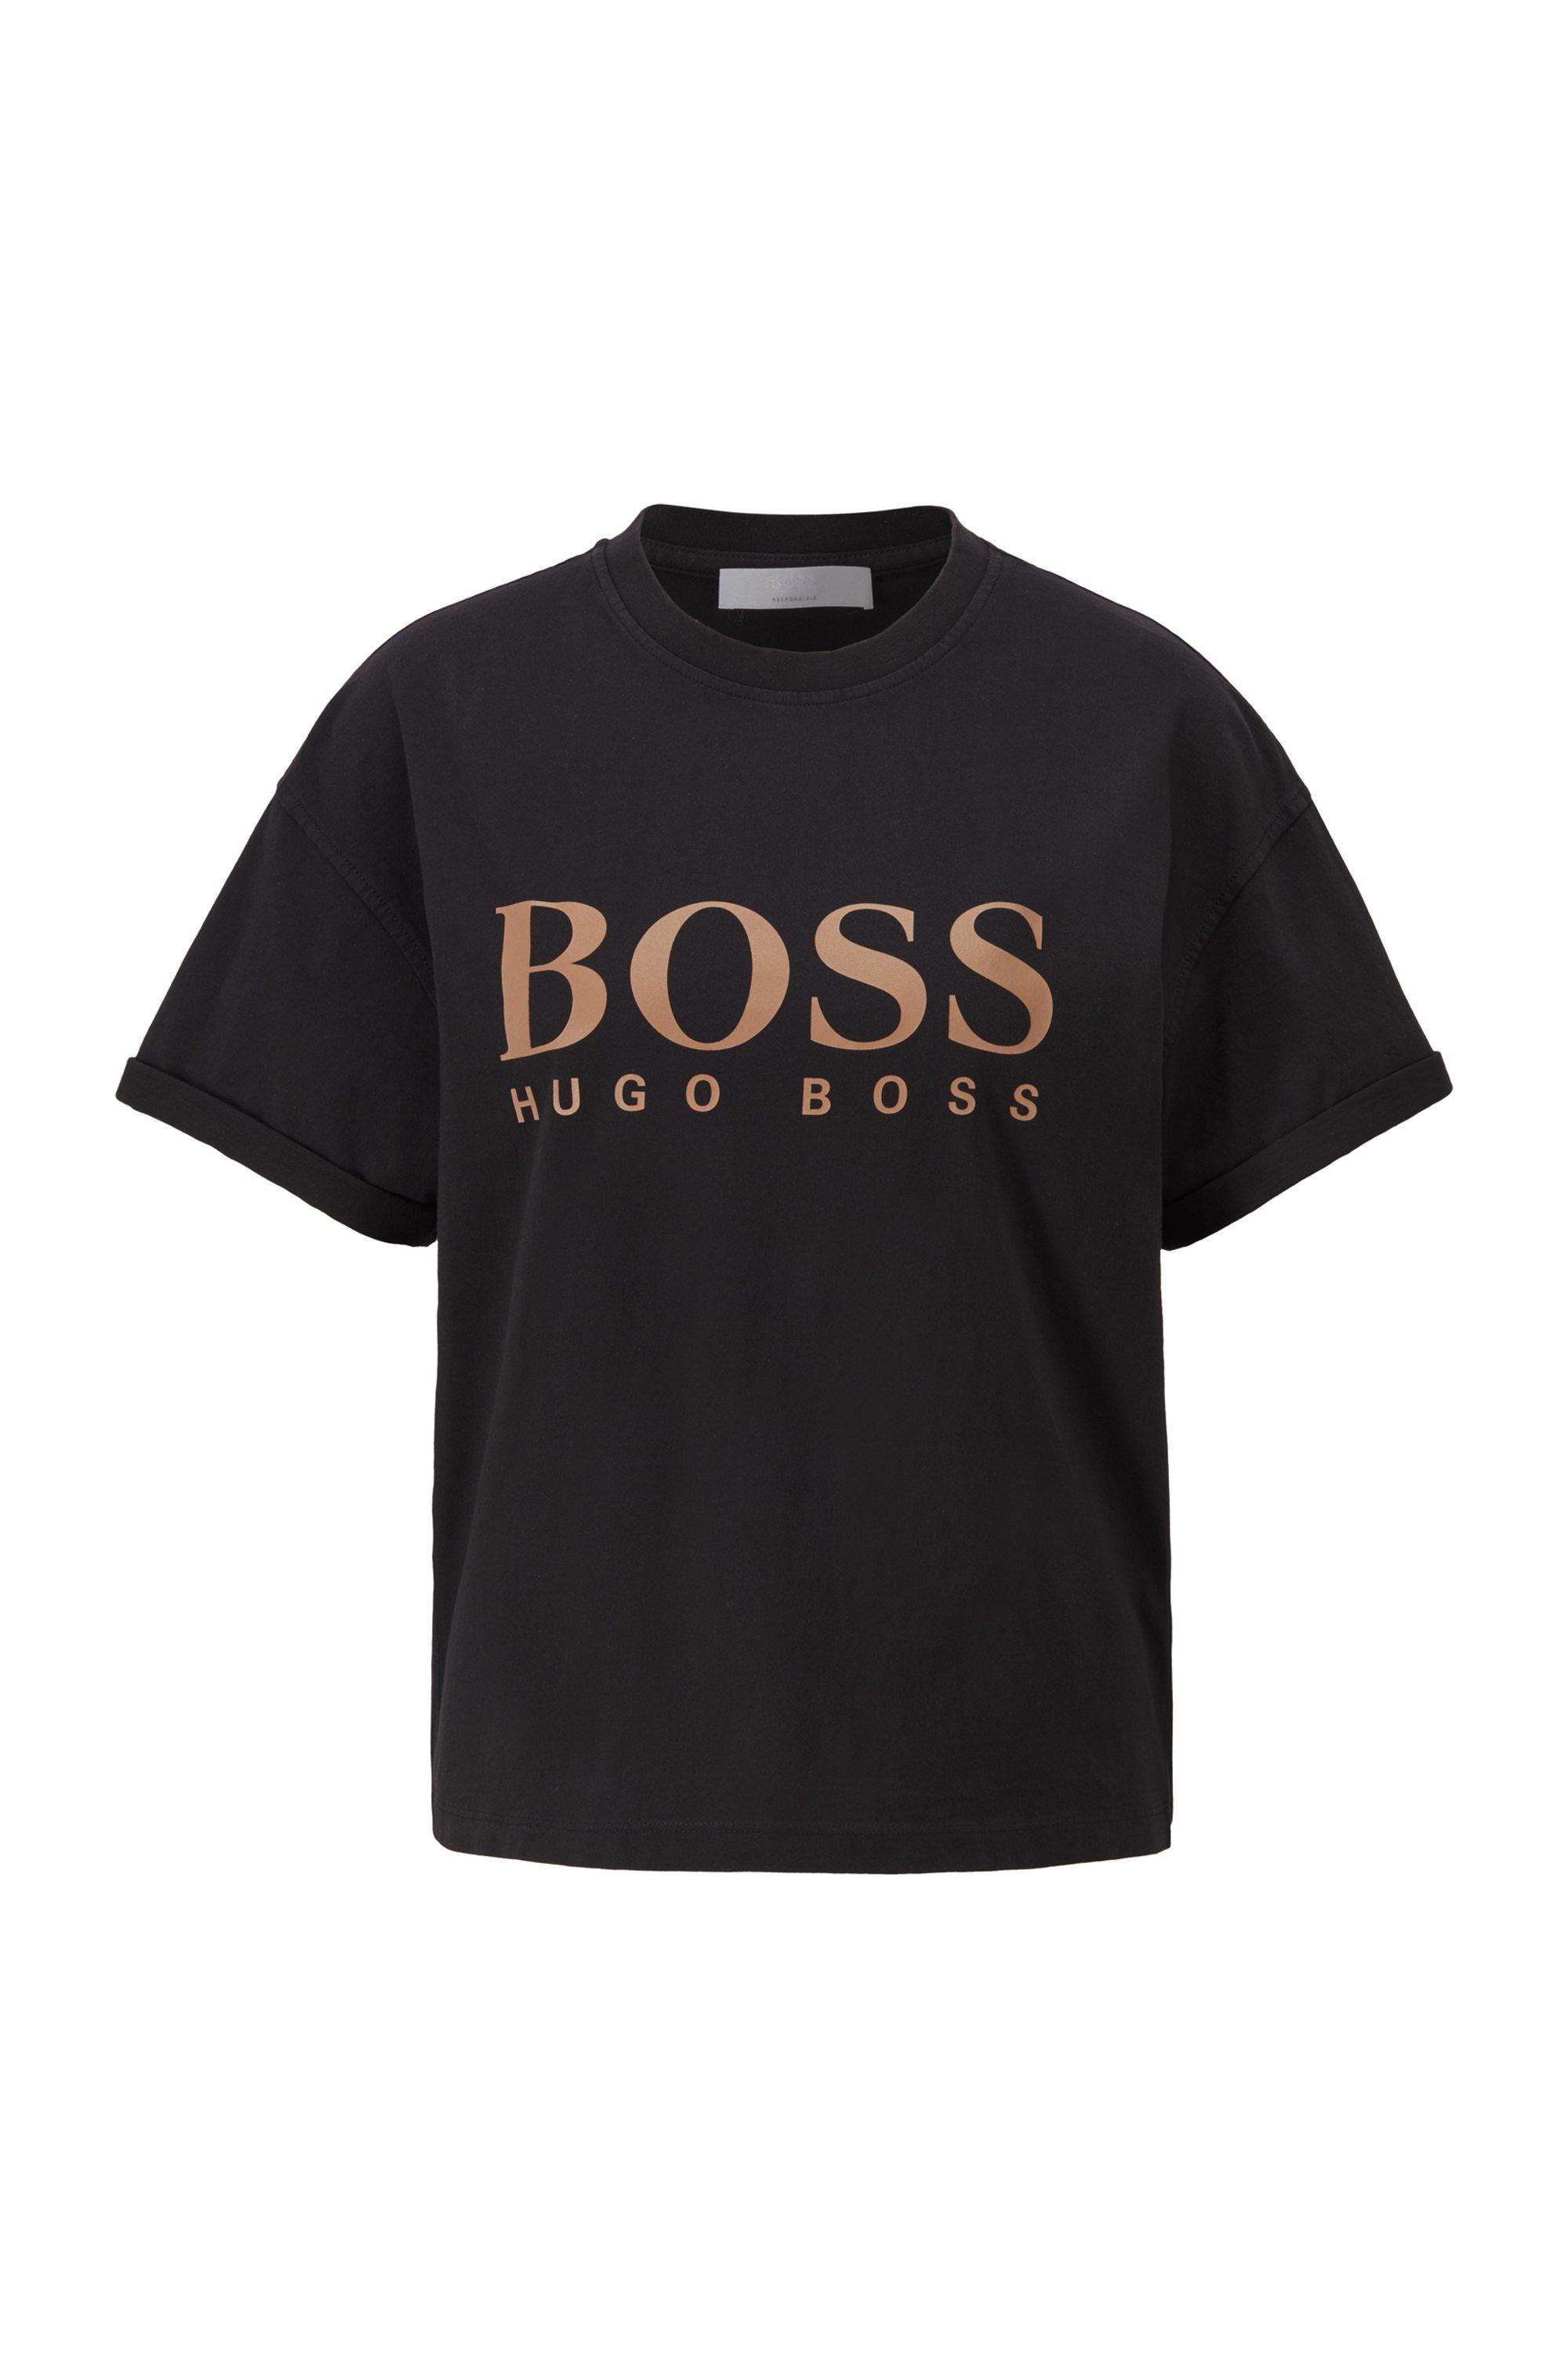 ロゴ リラックスフィットTシャツ オーガニックコットン, ブラック